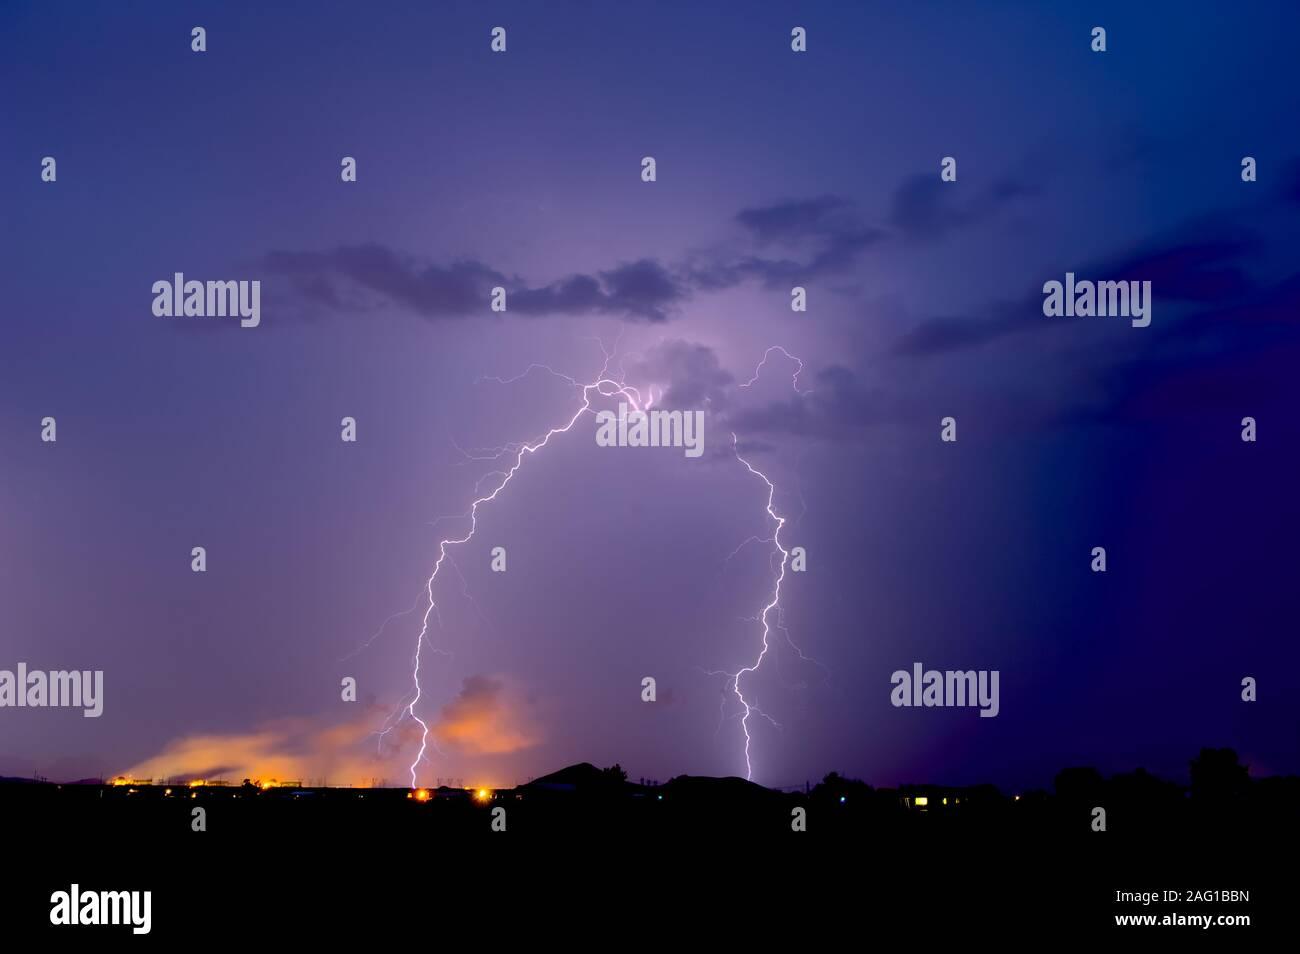 Tomadas durante la temporada del monzón de 2012, una tormenta en la estación Nuclear Palo Verde en el oeste de Arizona. Foto de stock